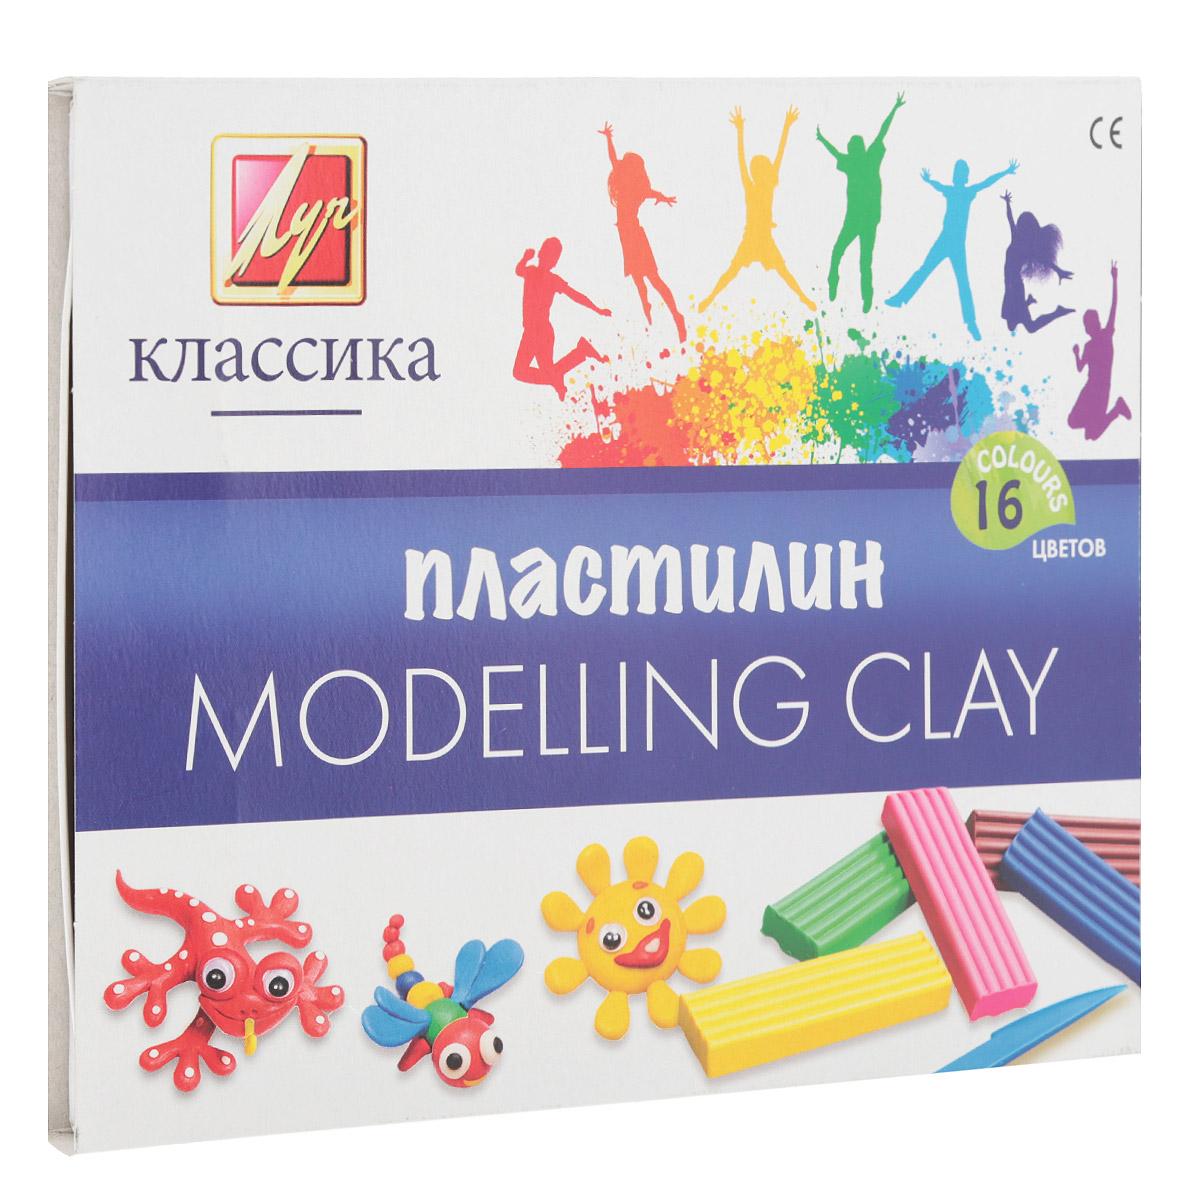 Пластилин Луч Классика, со стеком, 16 цветов всё для лепки мульти пульти пластилин со стеком приключения енота 16 цветов 320 г